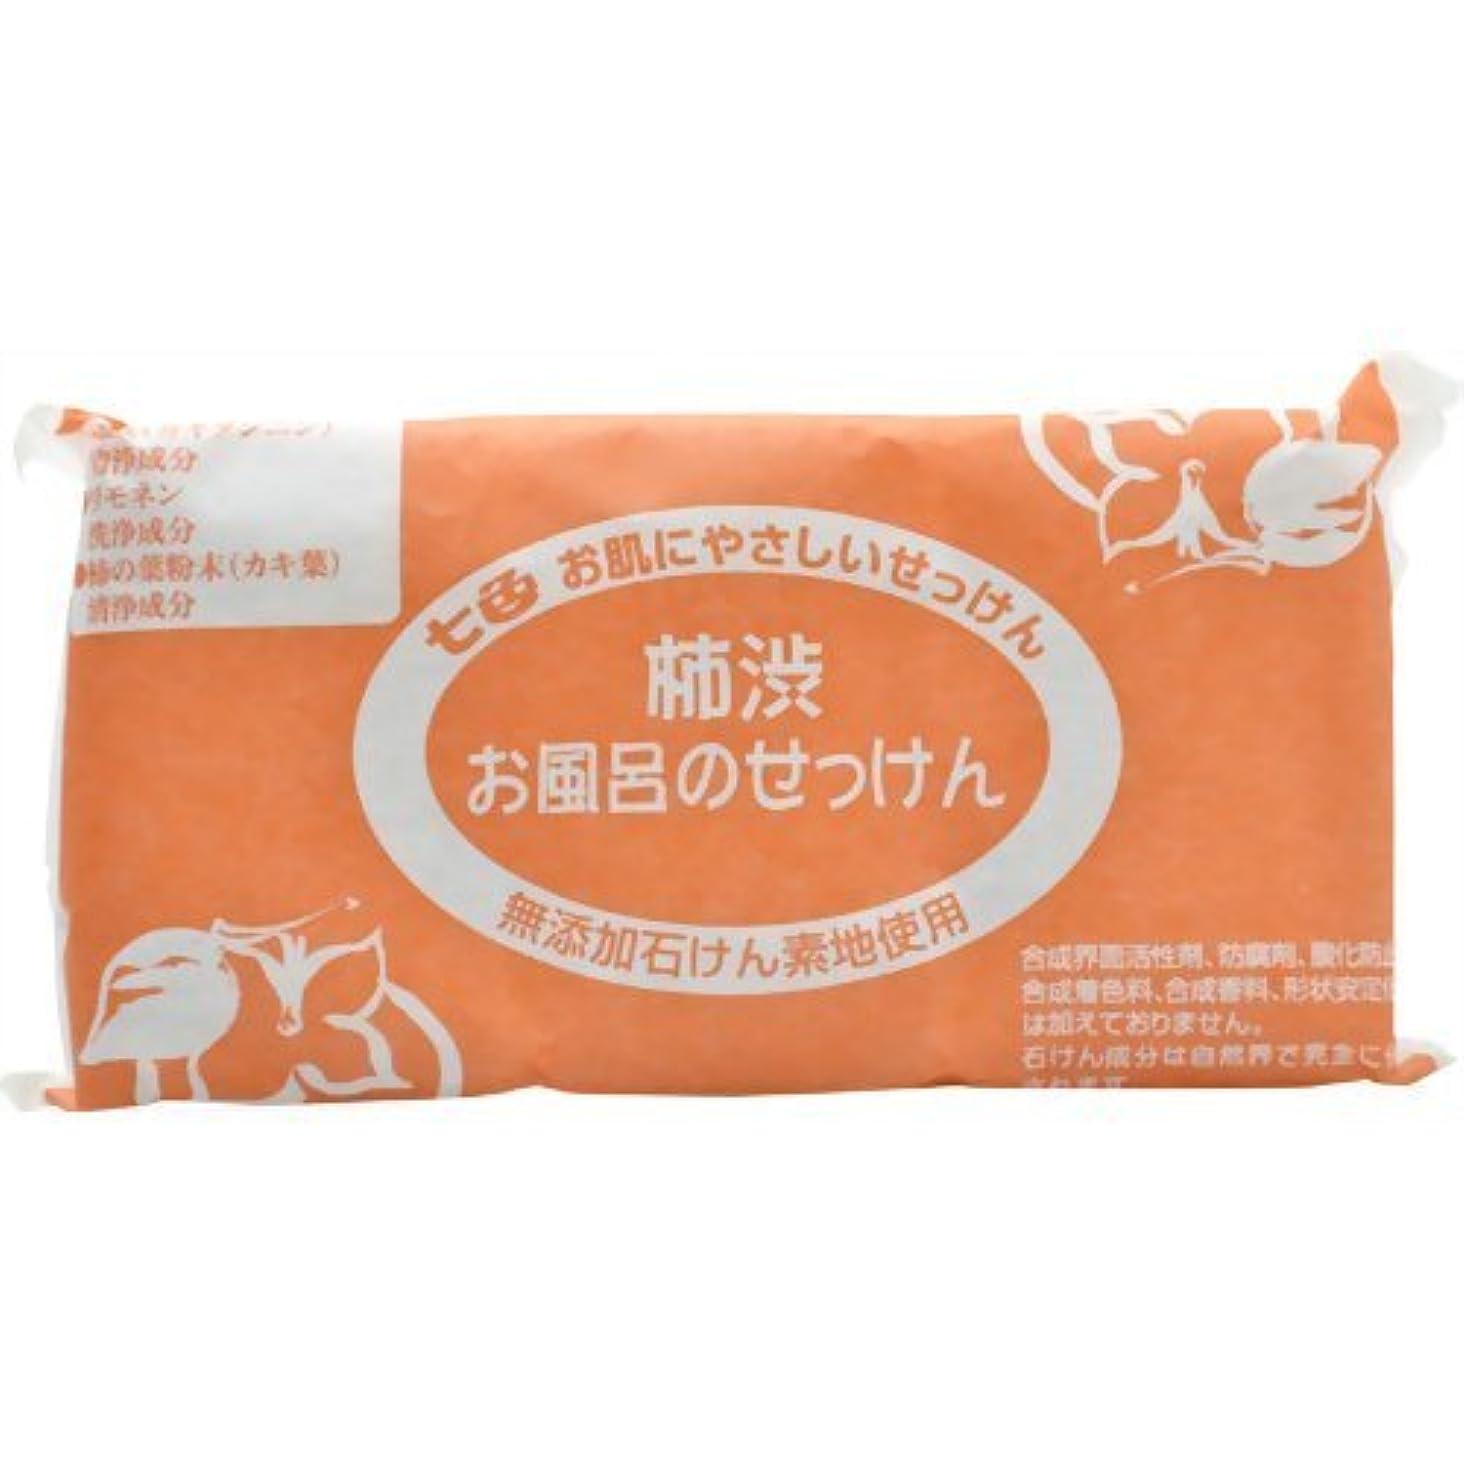 長椅子参照複製する七色 お風呂のせっけん 柿渋(無添加石鹸) 100g×3個入